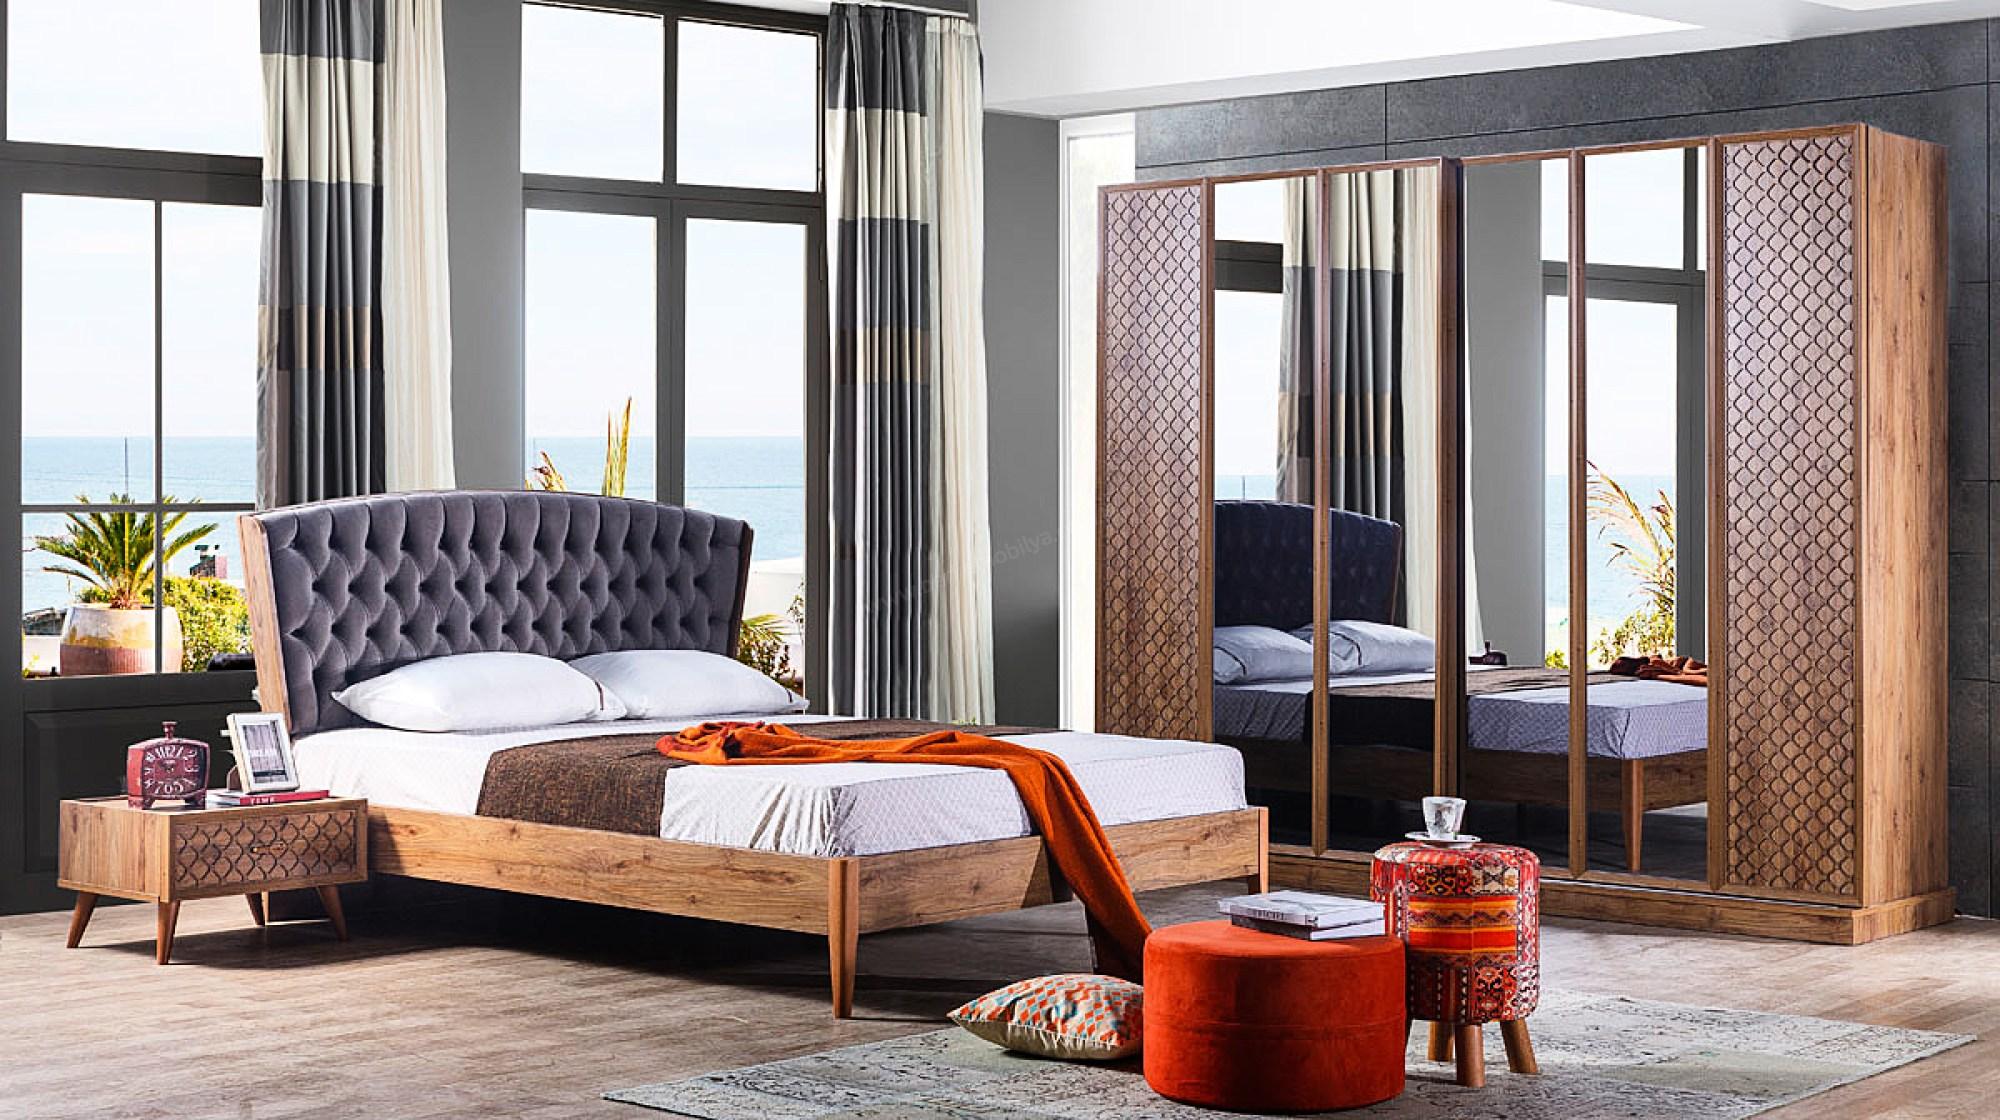 Yatak Odası İçin Doğru Mobilya Seçimi